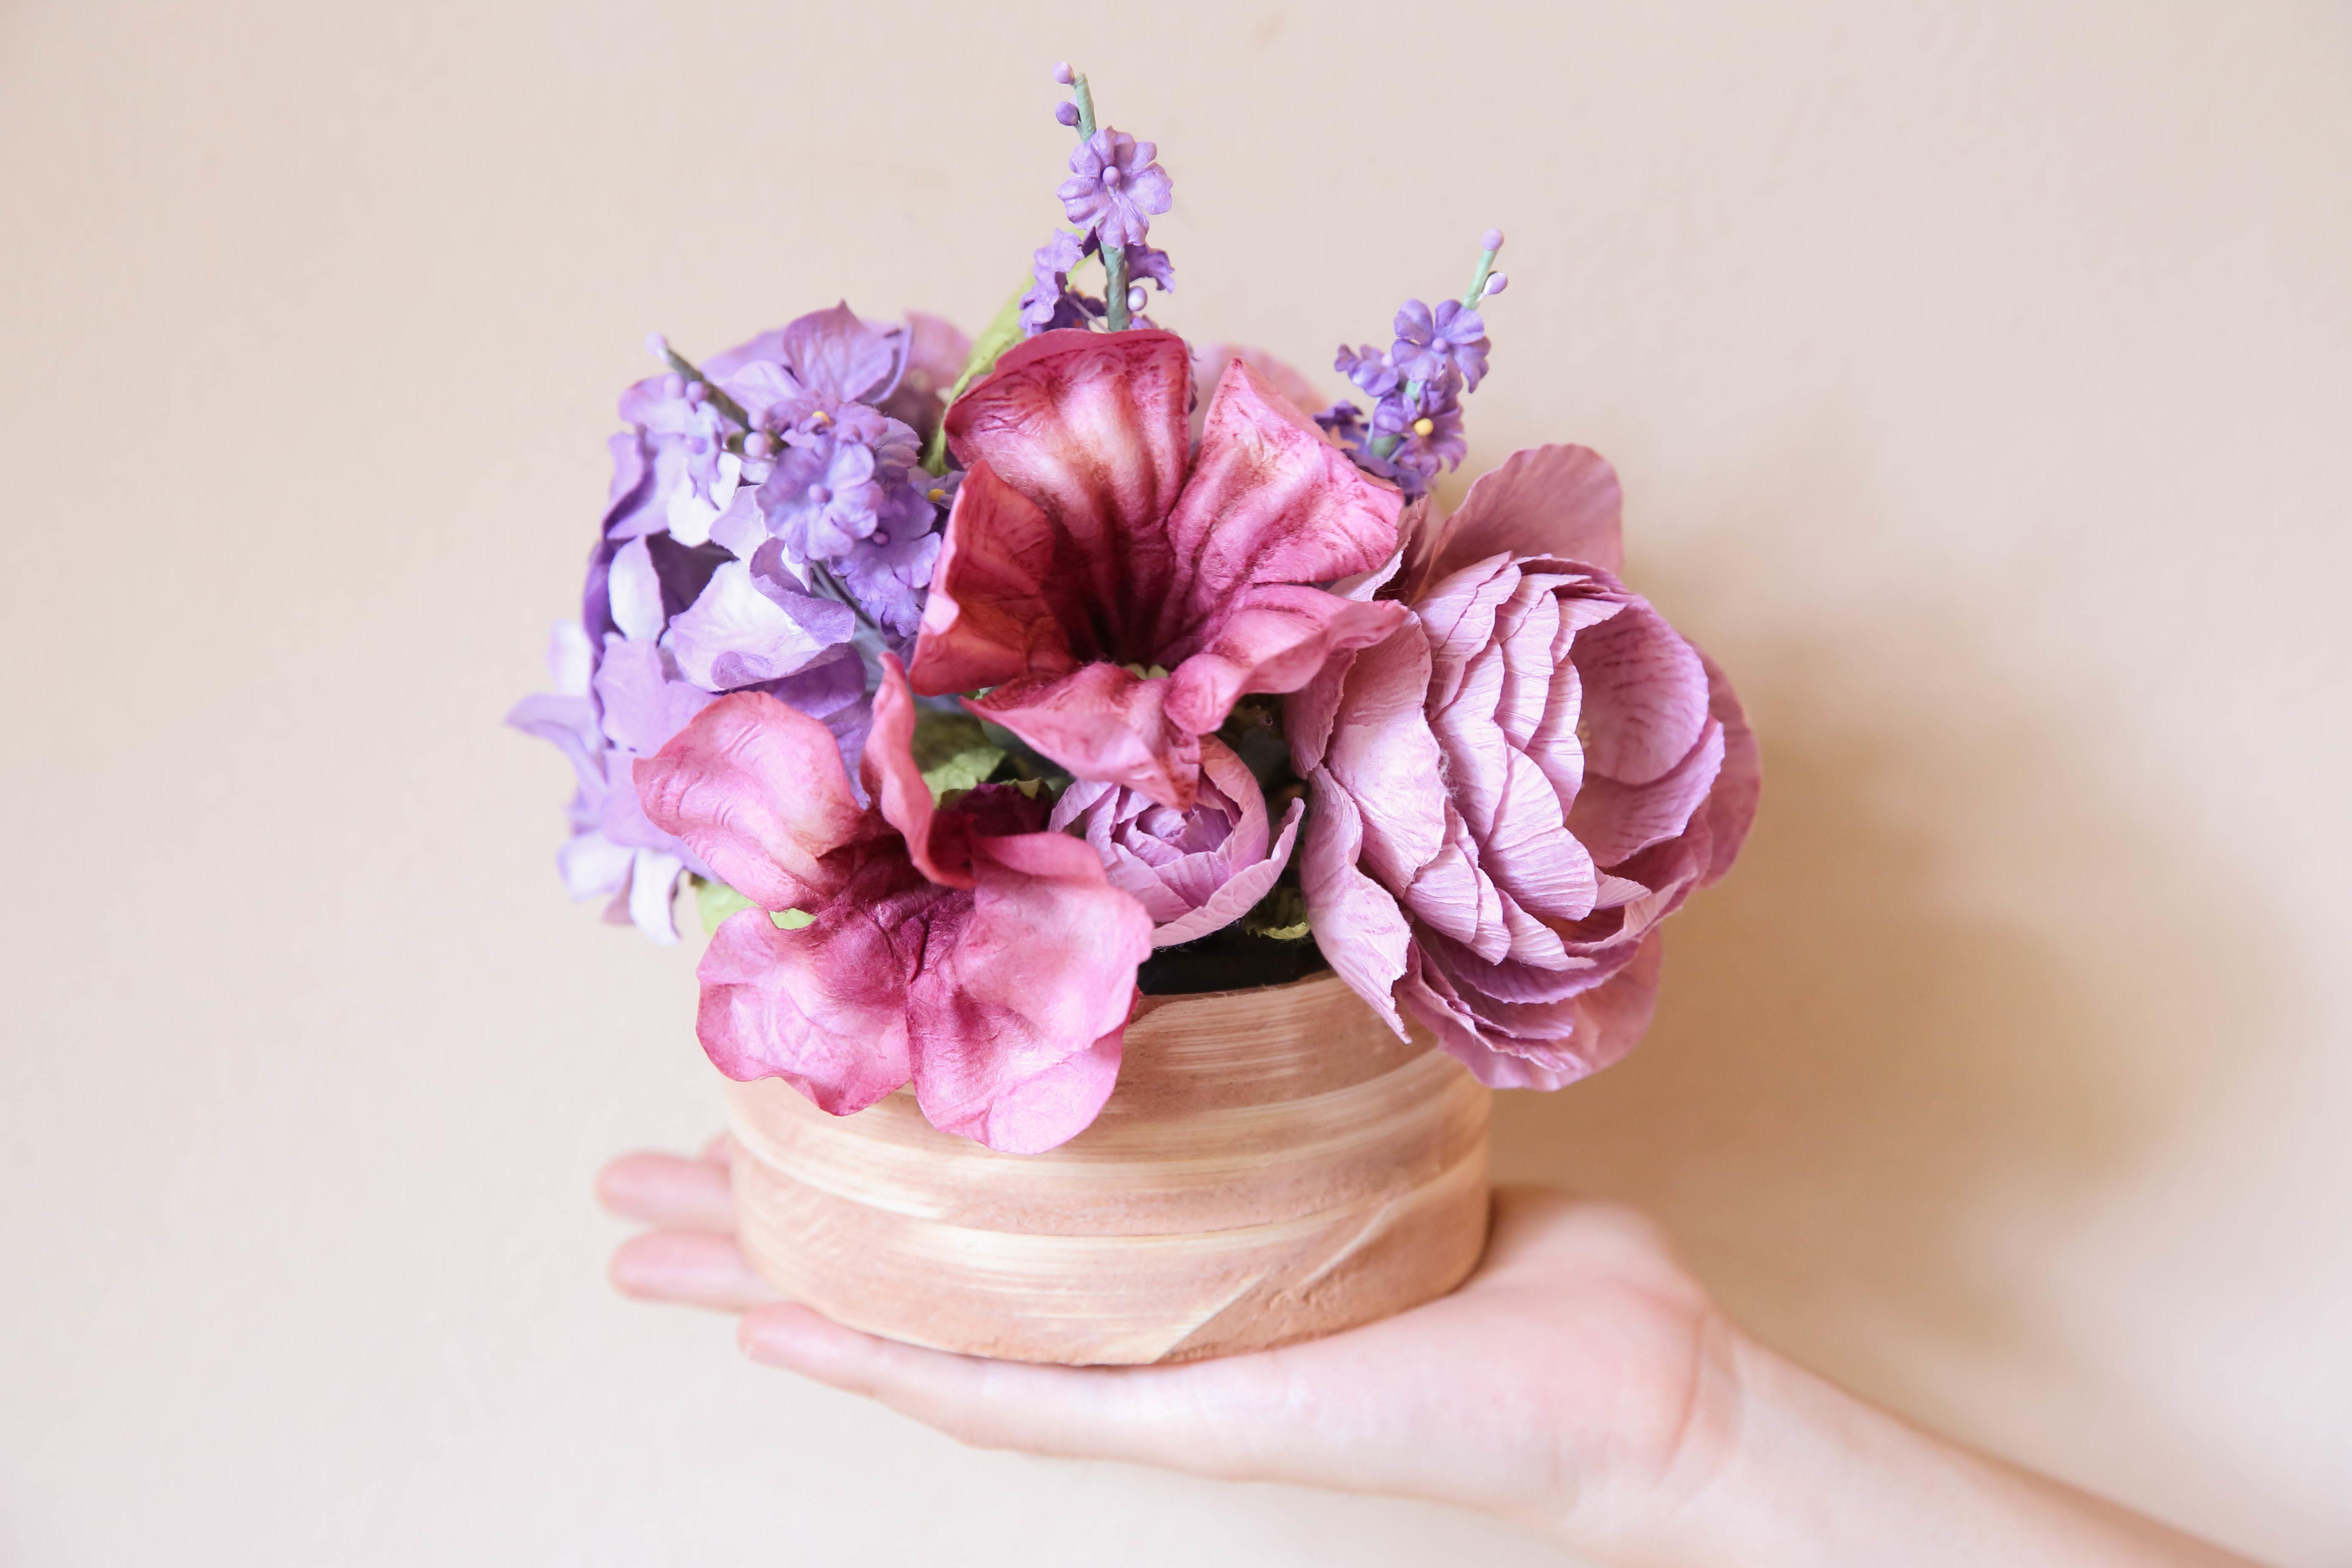 Geschenkideen für Muttertag: Blumen aus Krepppapier